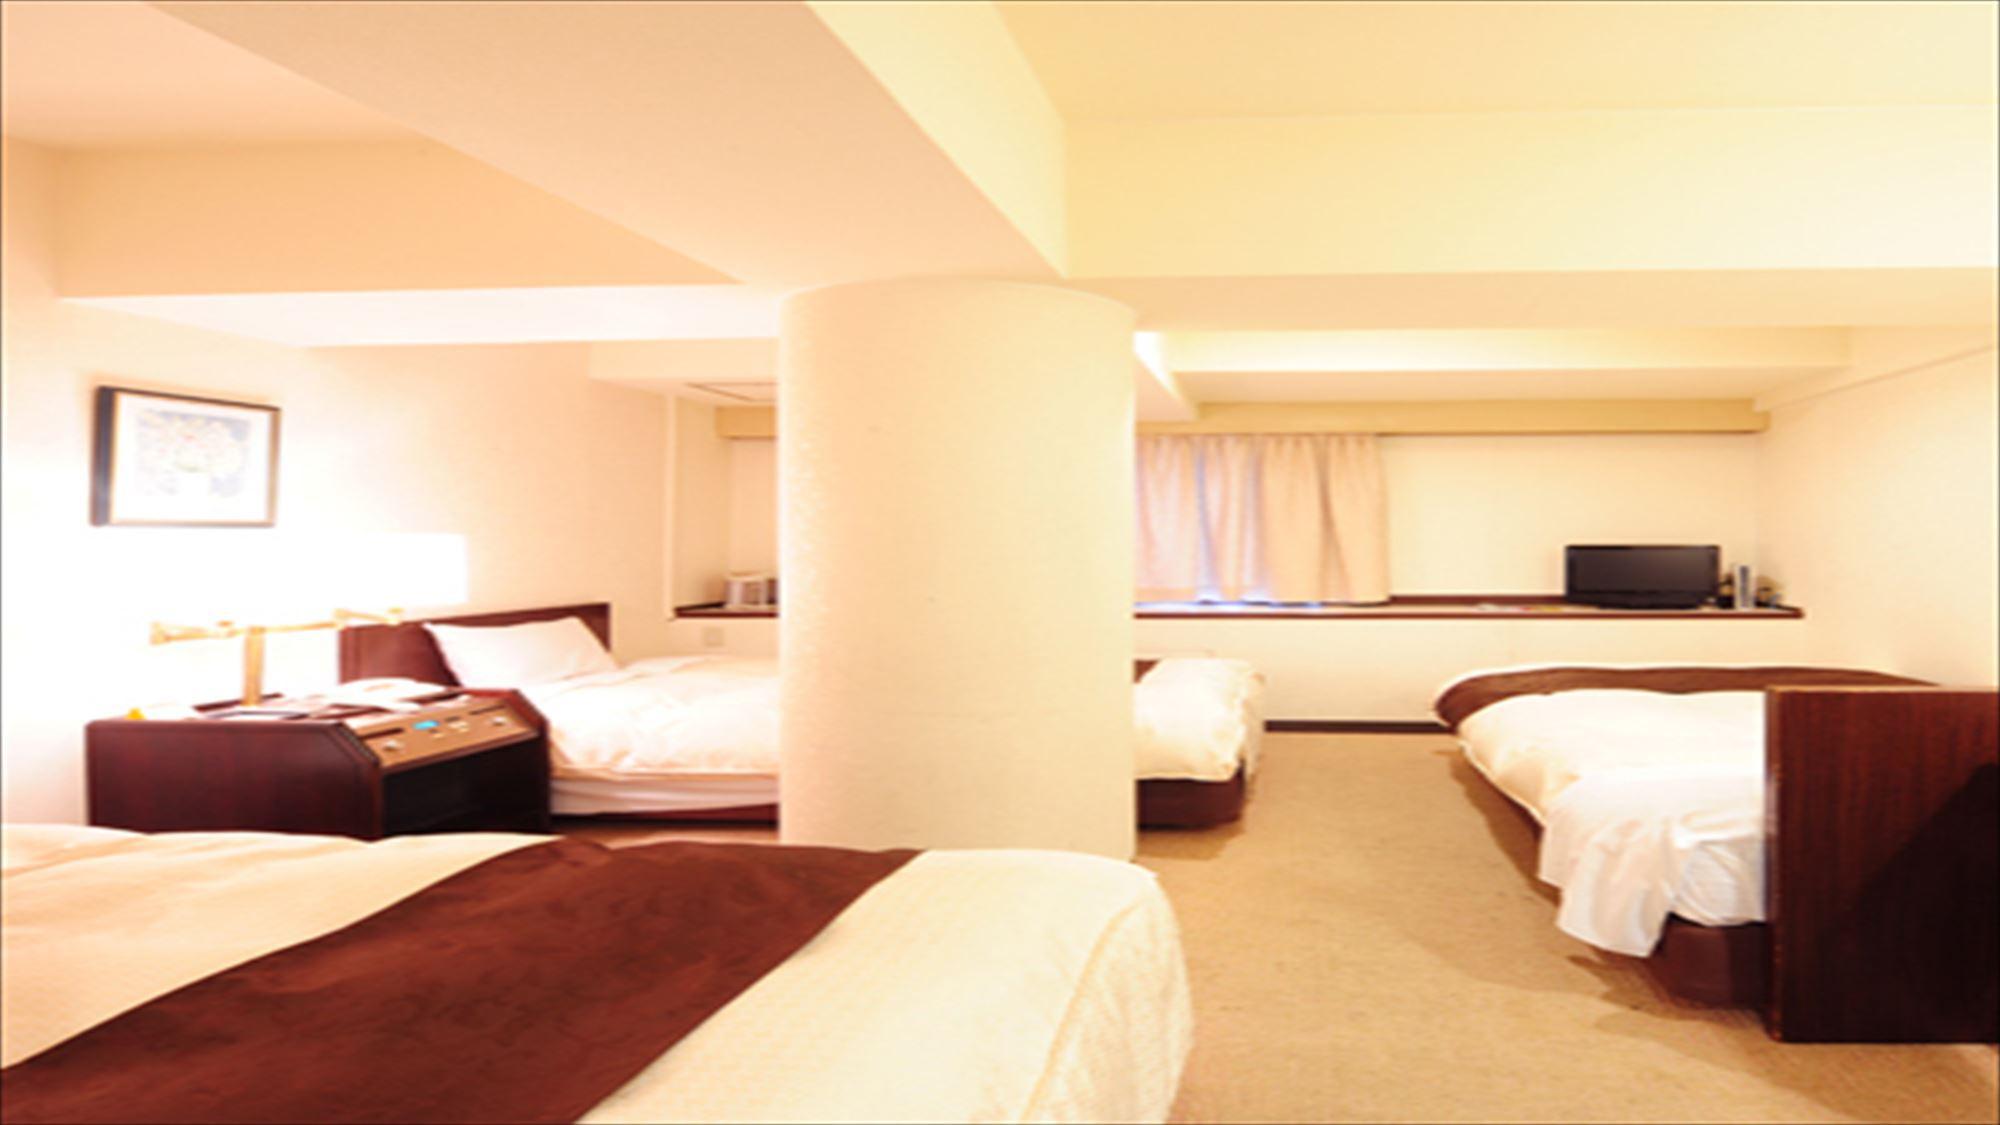 トリプルルーム 広さ23m2、ベッド幅100cm